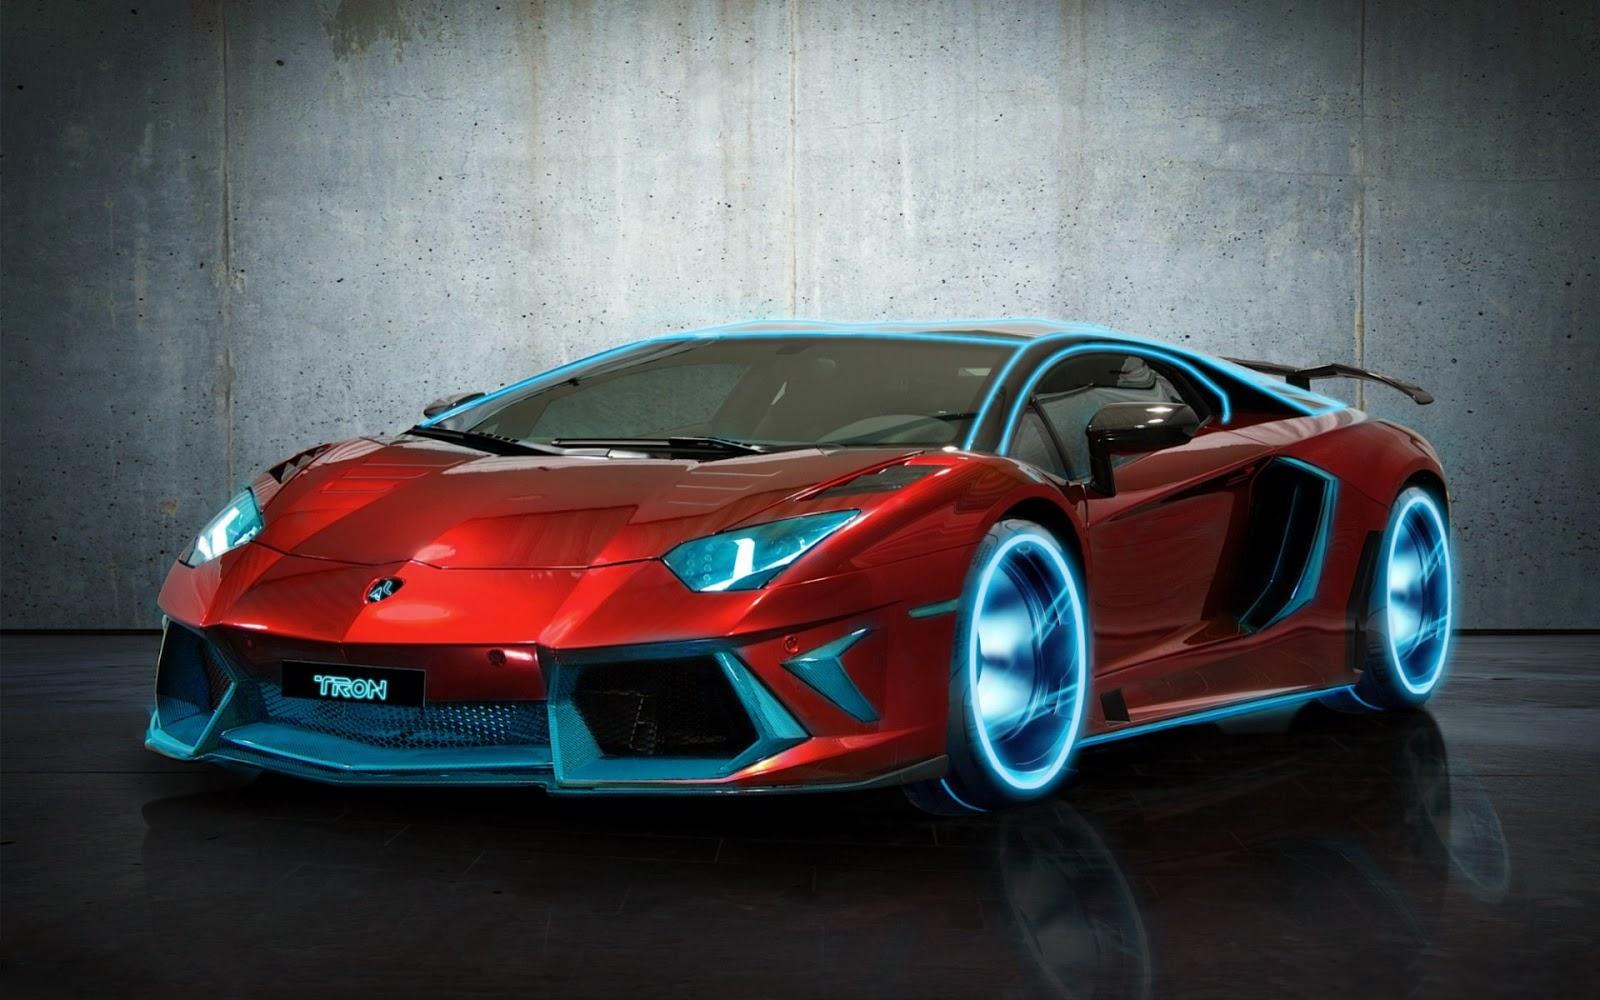 Lamborghini Egoista Prix En Euro Idee D Image De Voiture